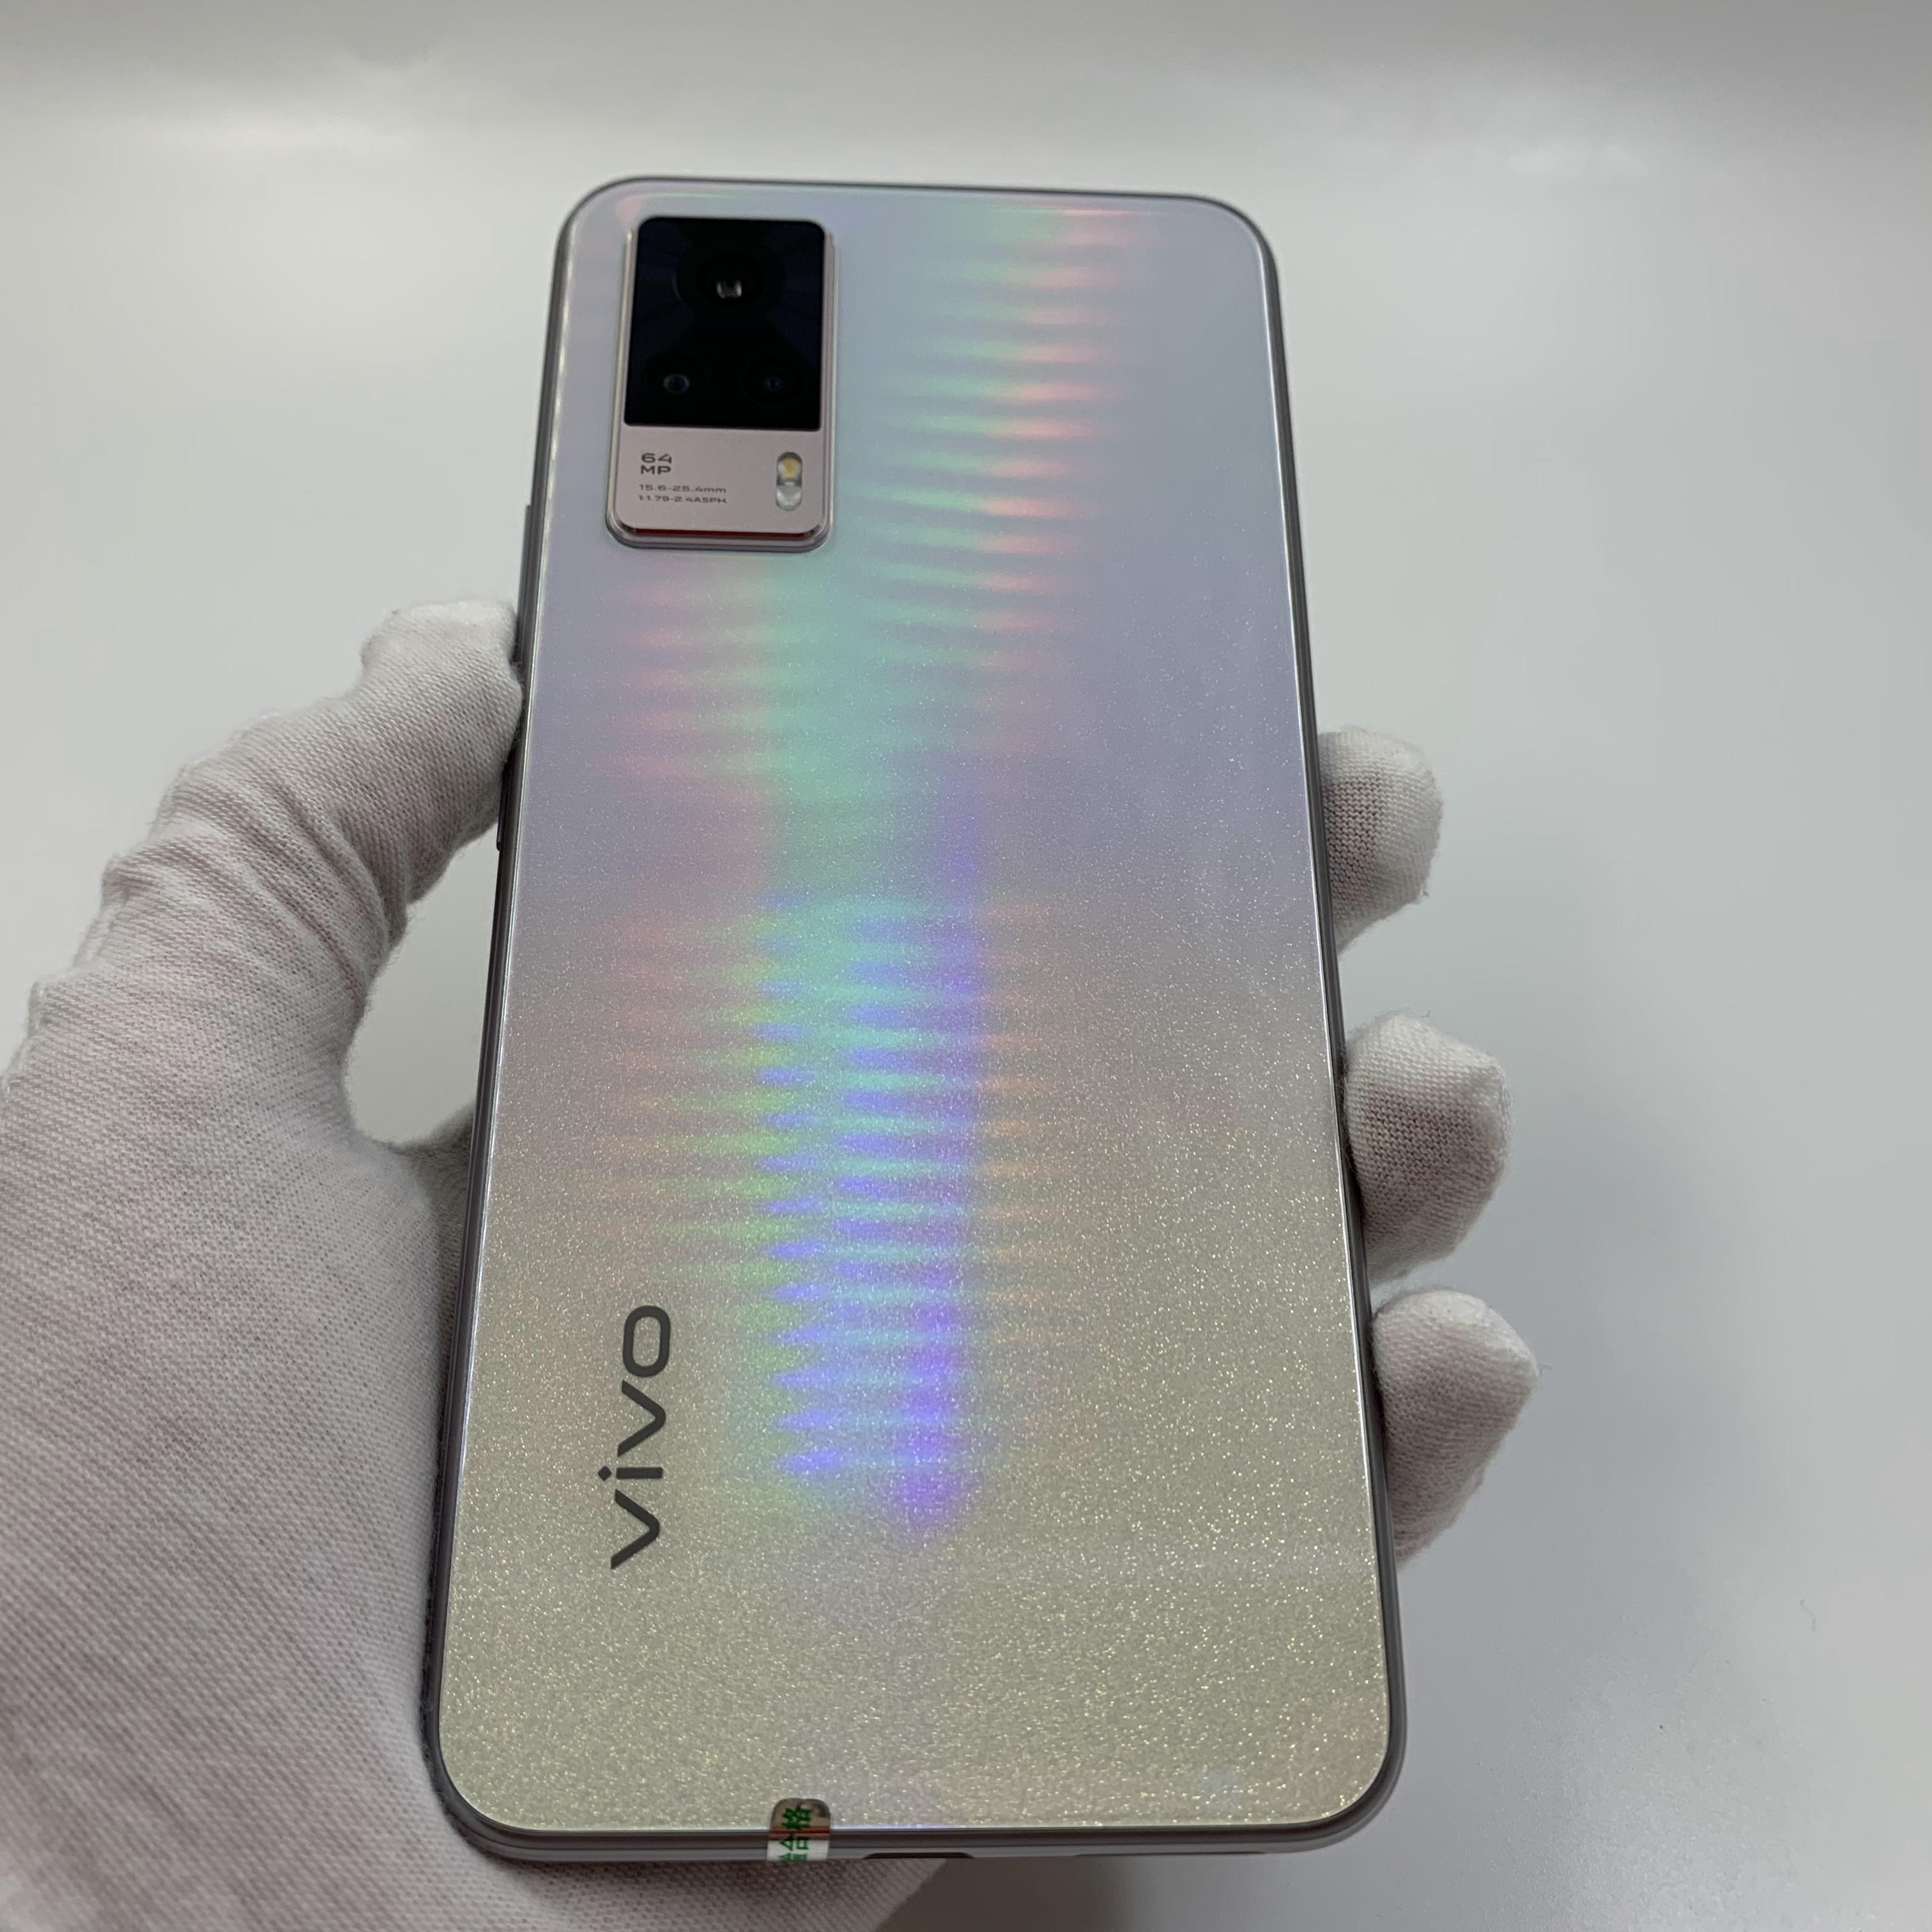 vivo【S9e】5G全网通 水光晶钻 8G/256G 国行 95新 真机实拍